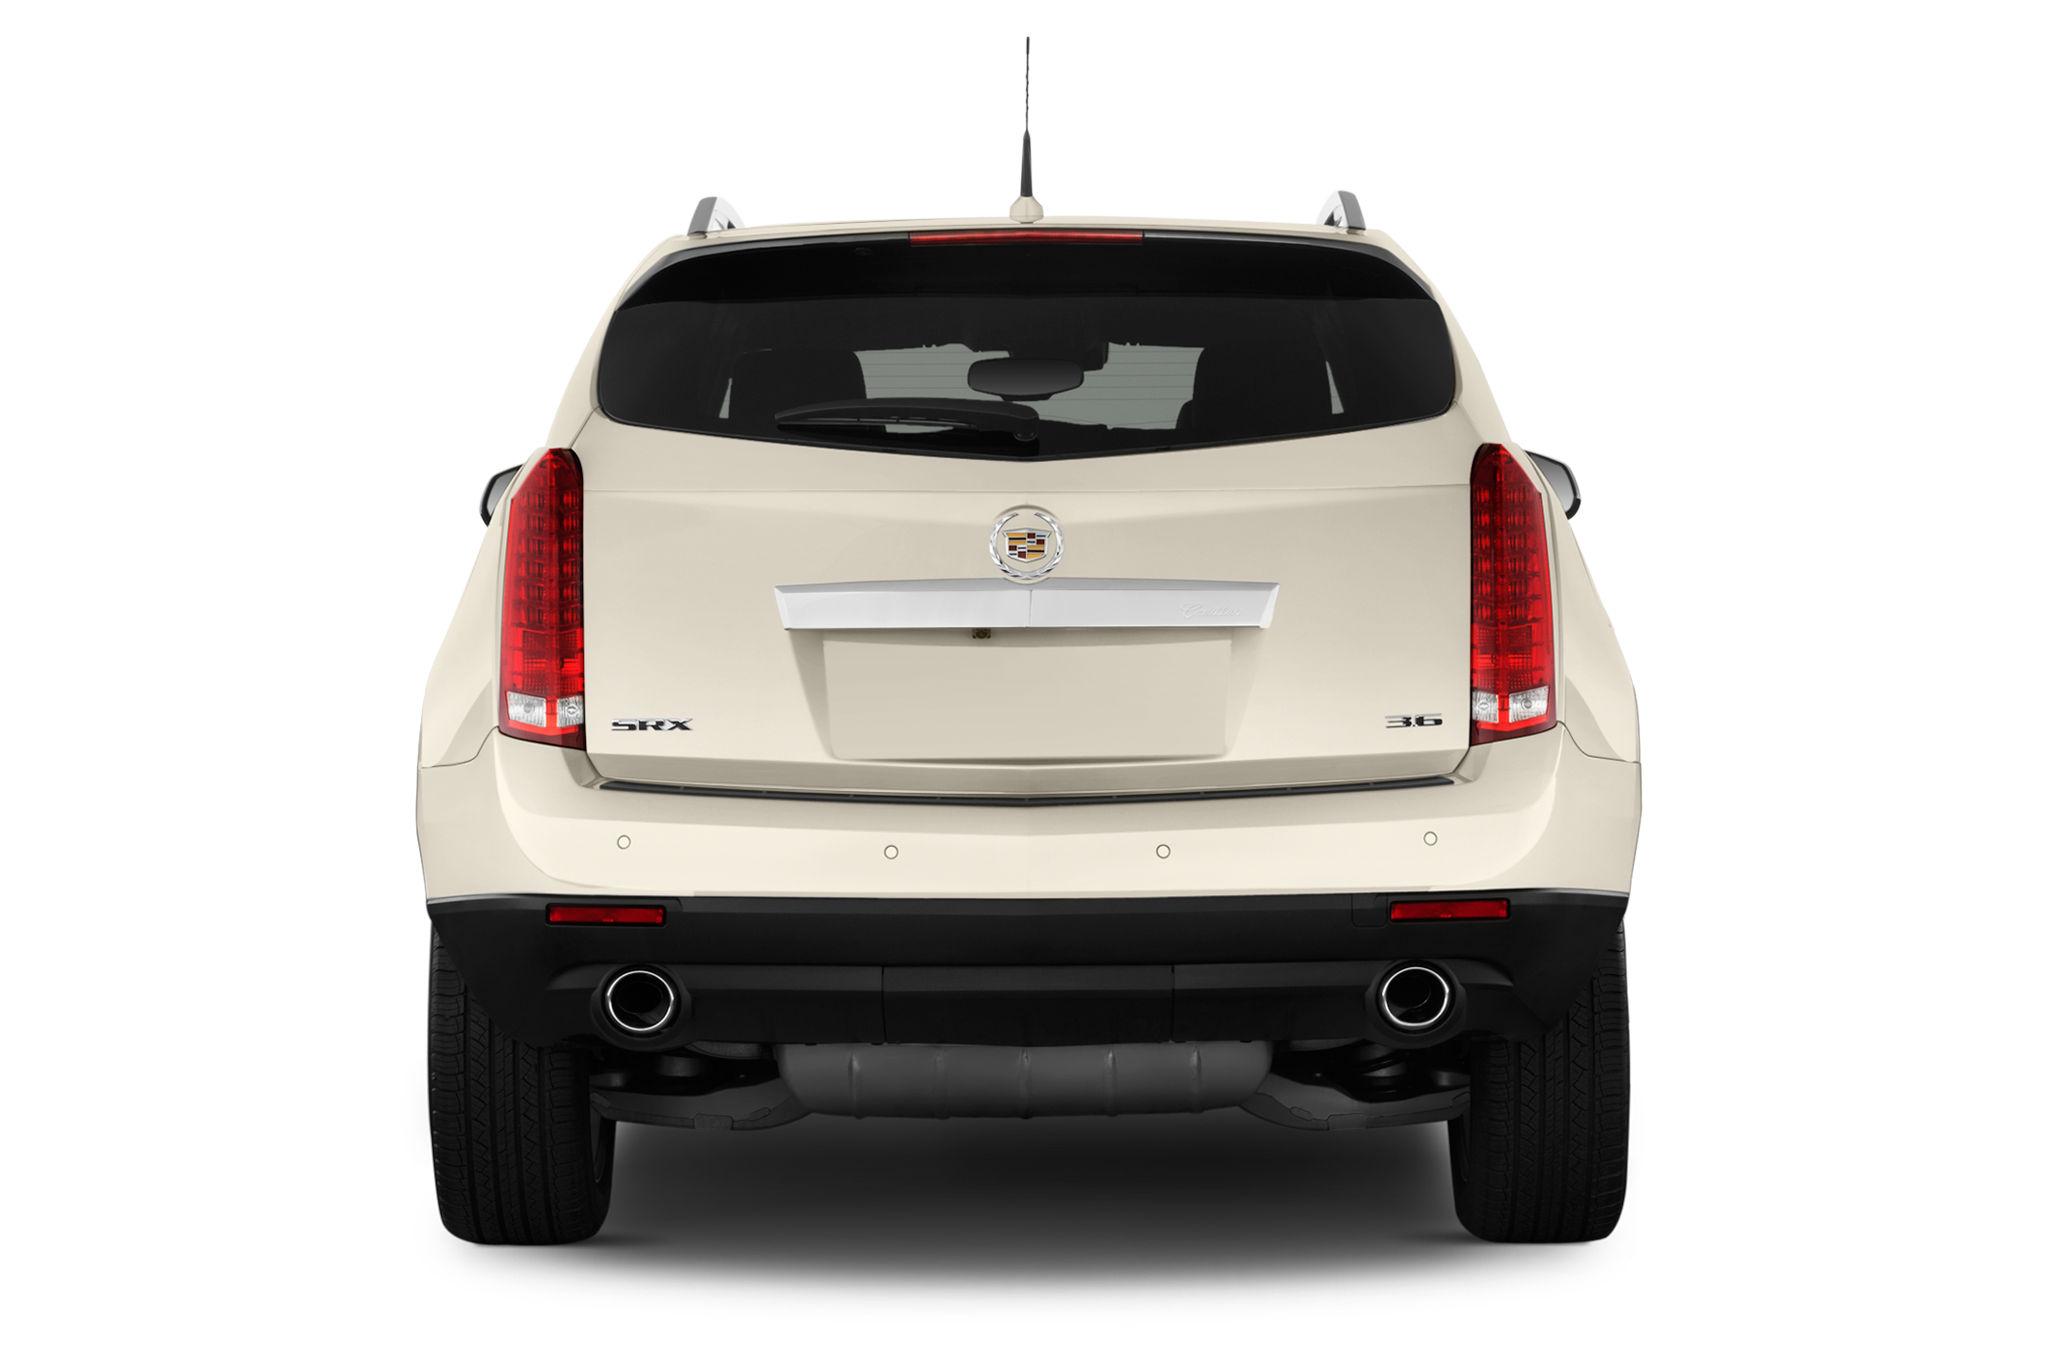 Removing Rear Head Restraint In Honda Crv Autos Post